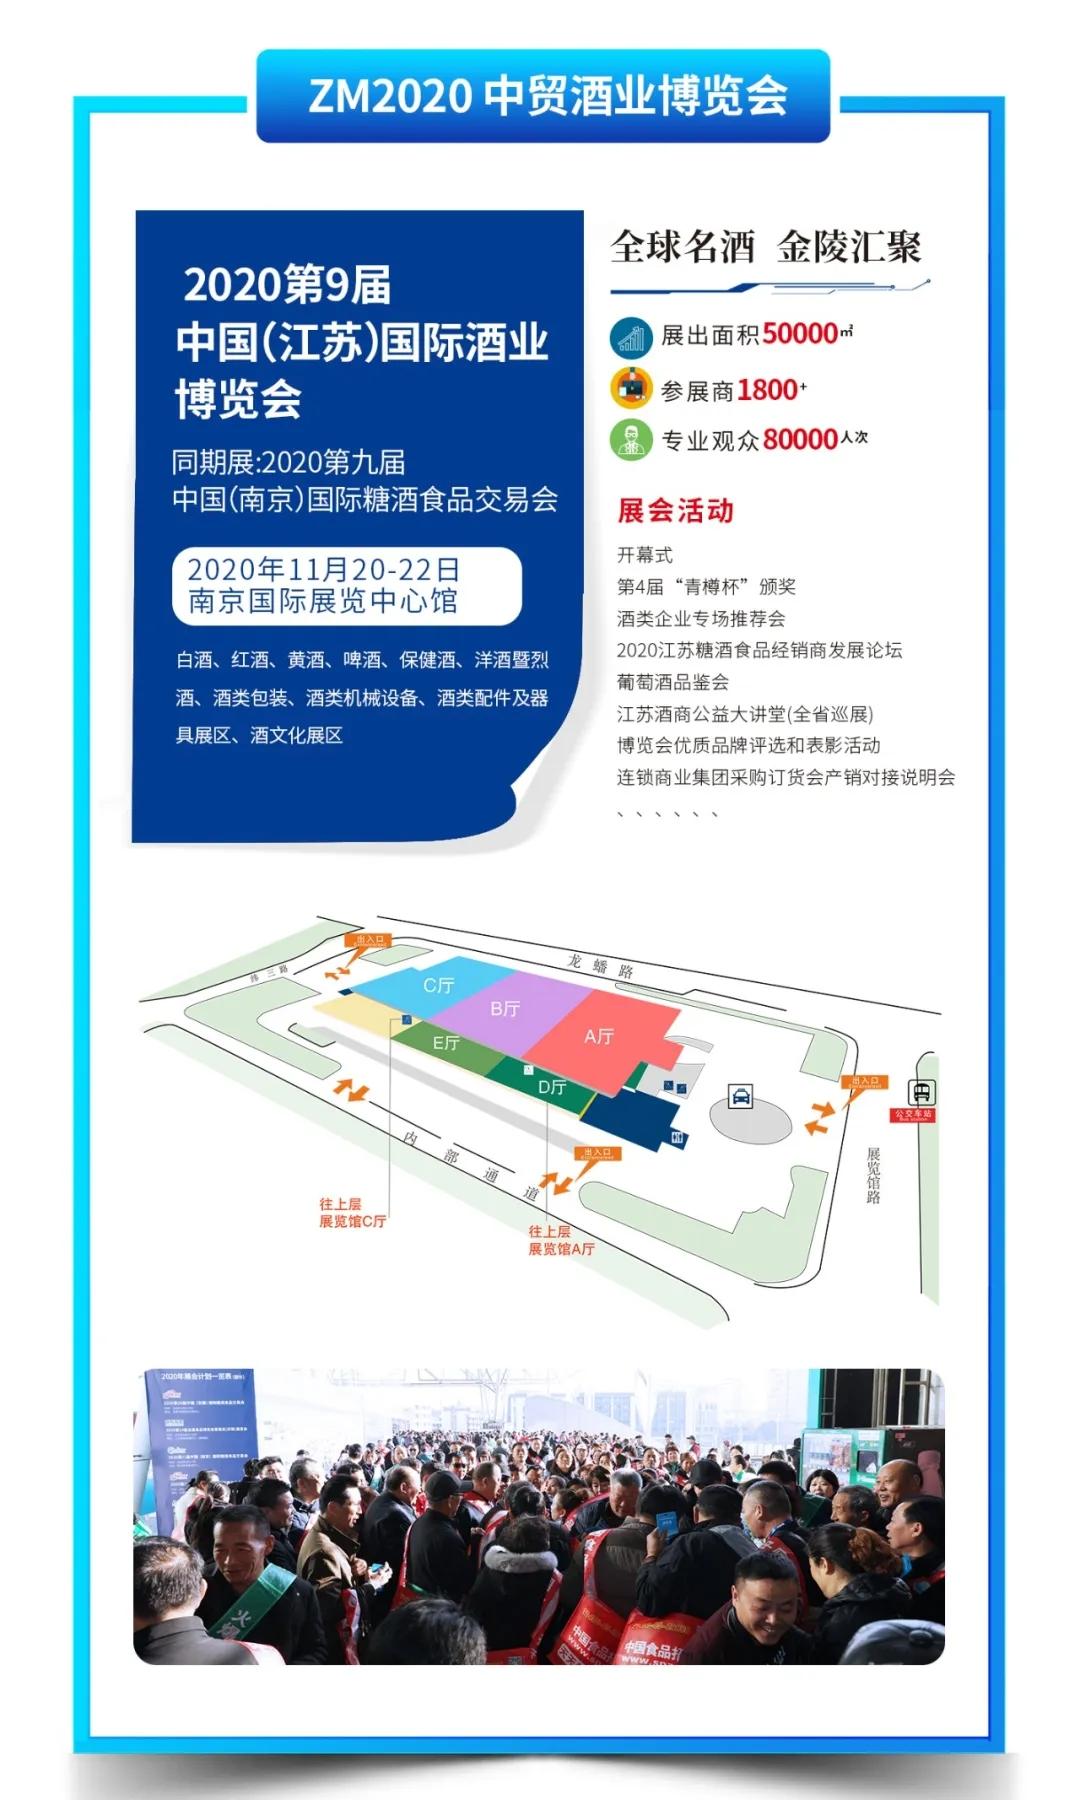 2020第九屆中國(江蘇)國際酒業博覽會